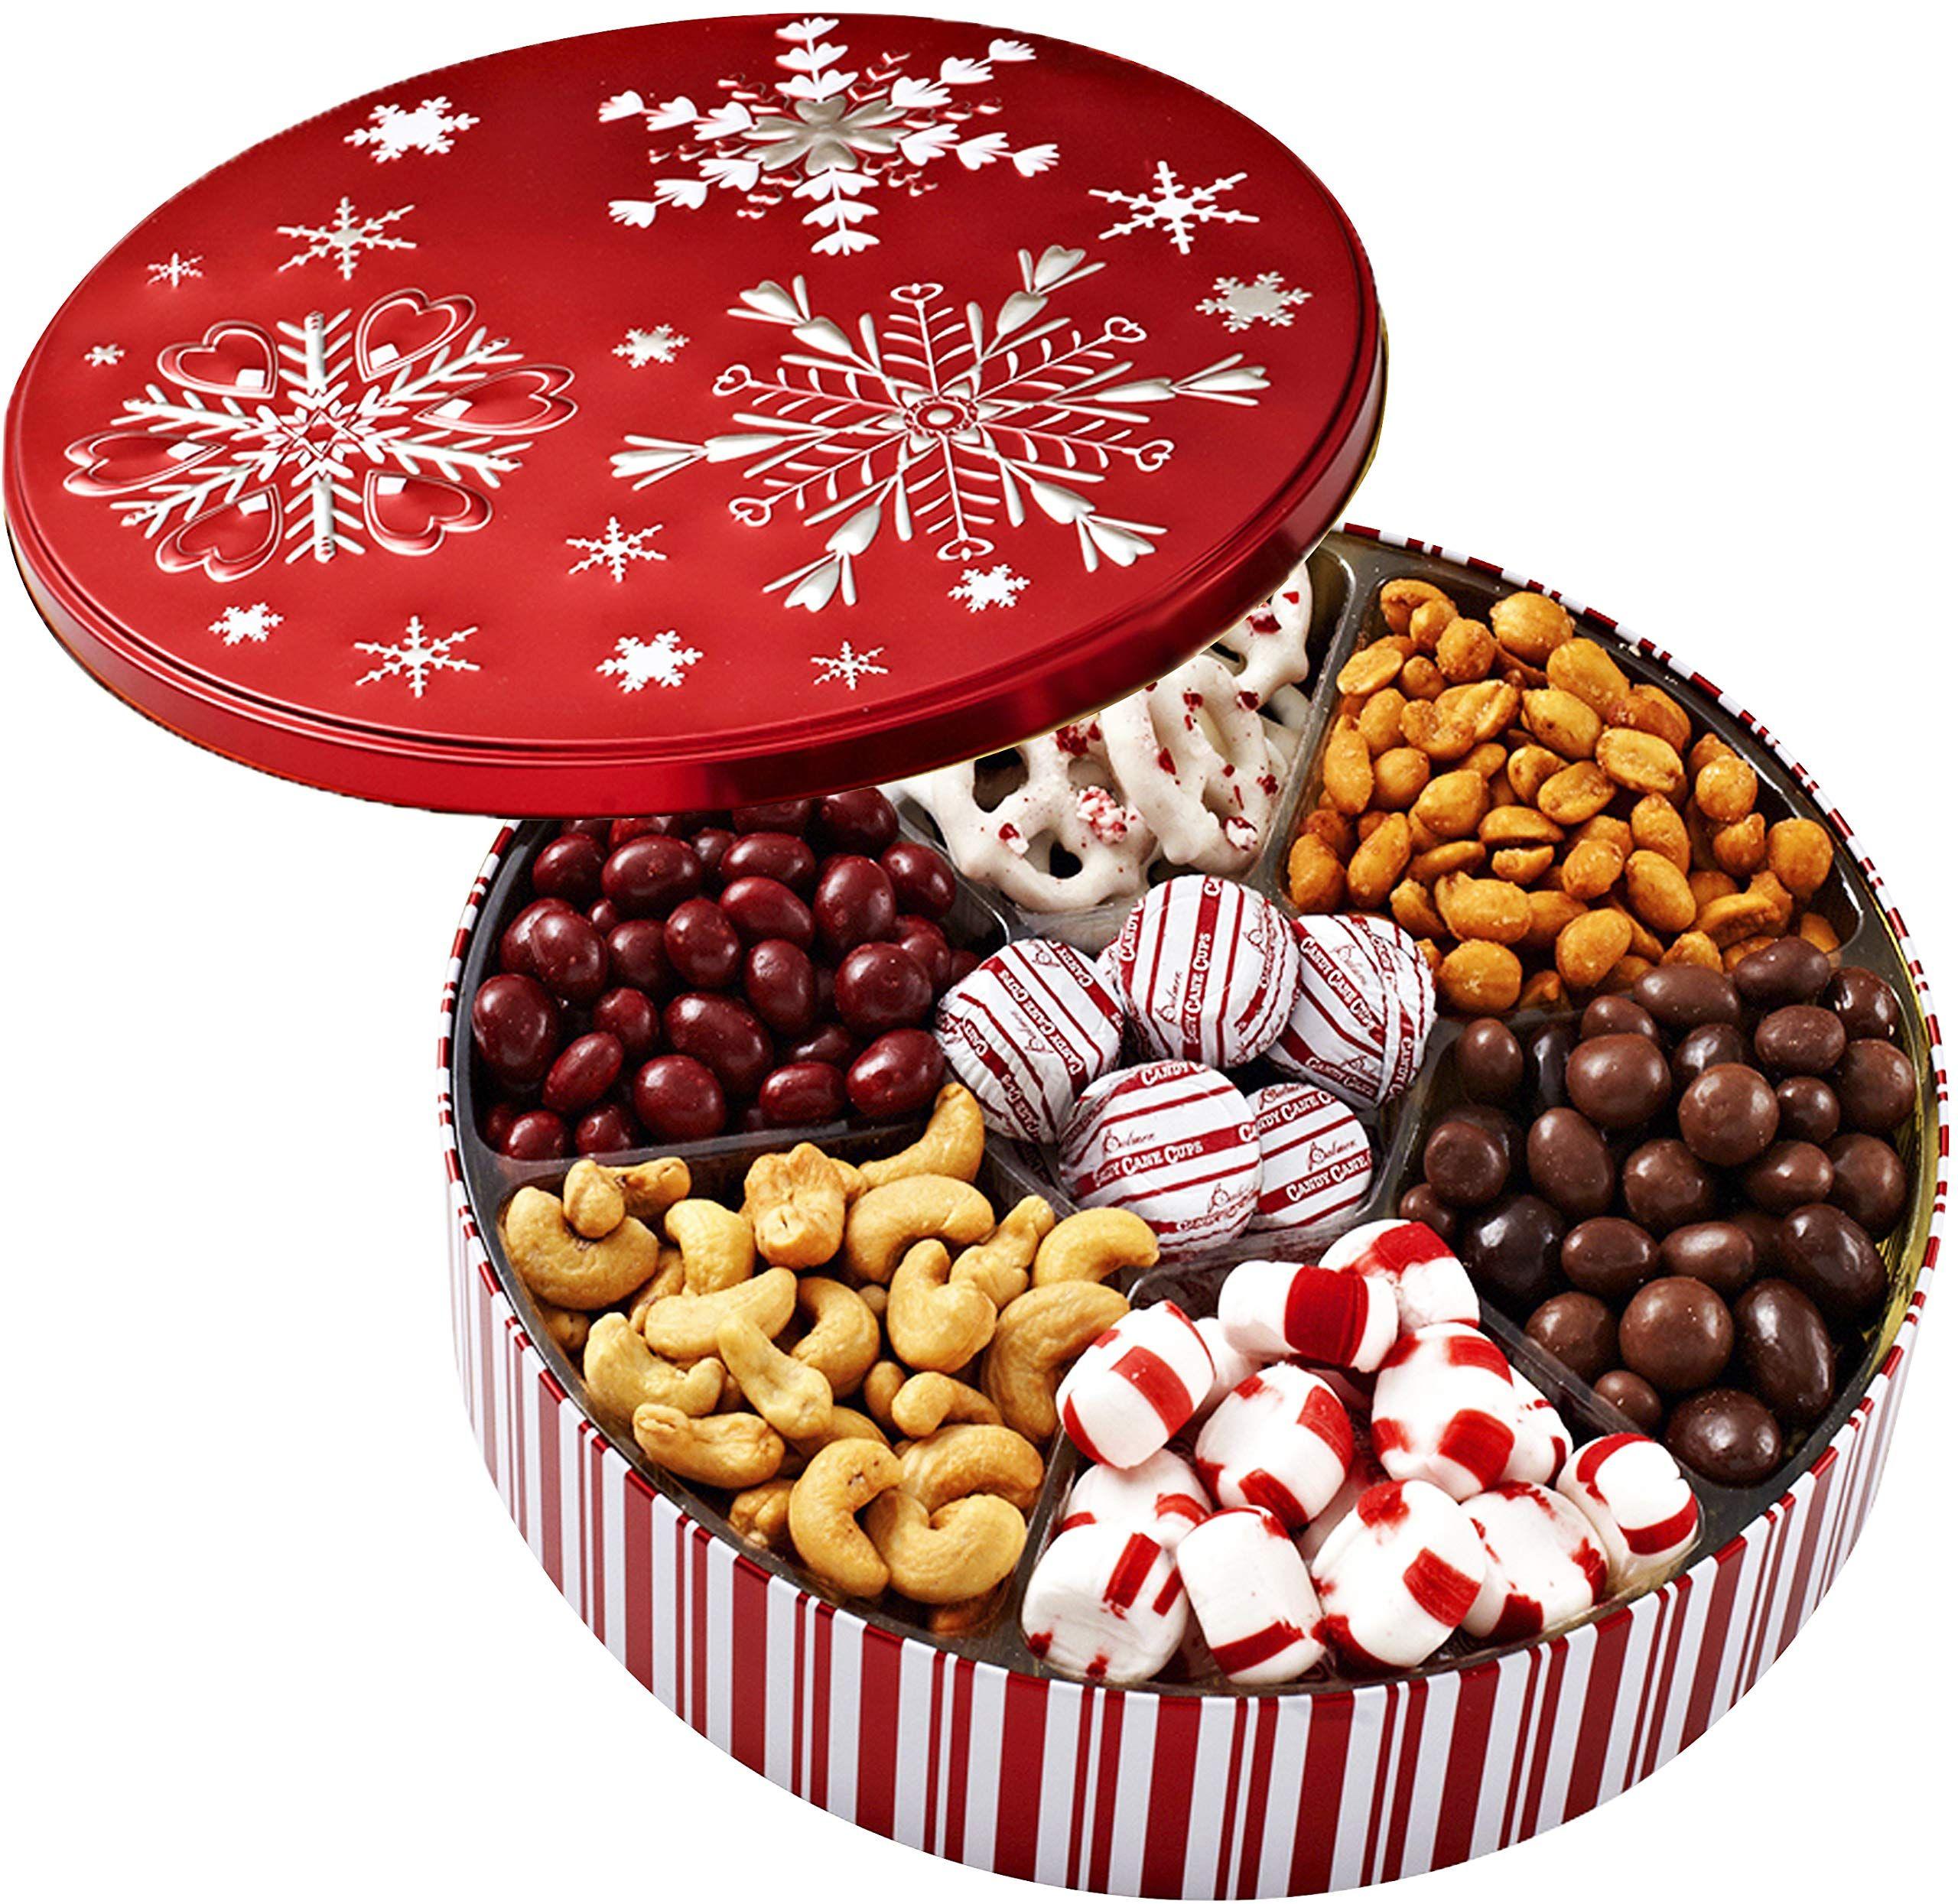 Christmas Holiday Chocolate Gift Basket Gourmet Food